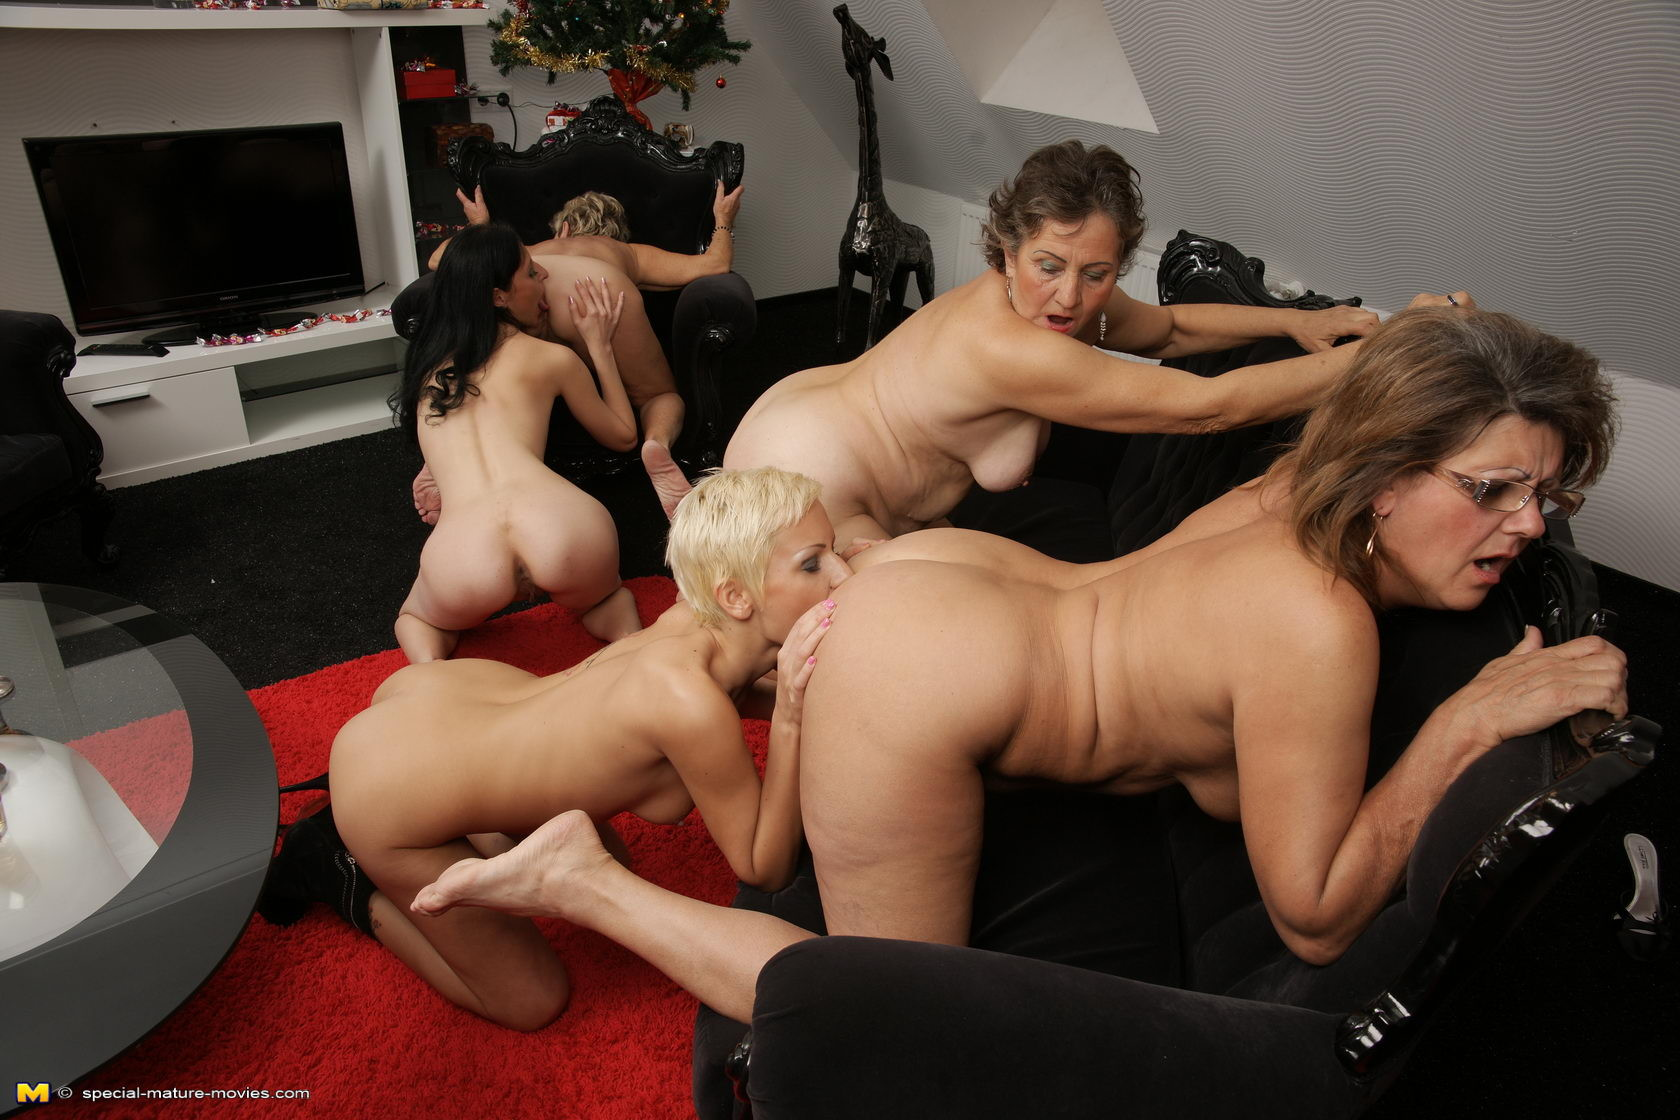 Орал - Порно галерея № 3550139